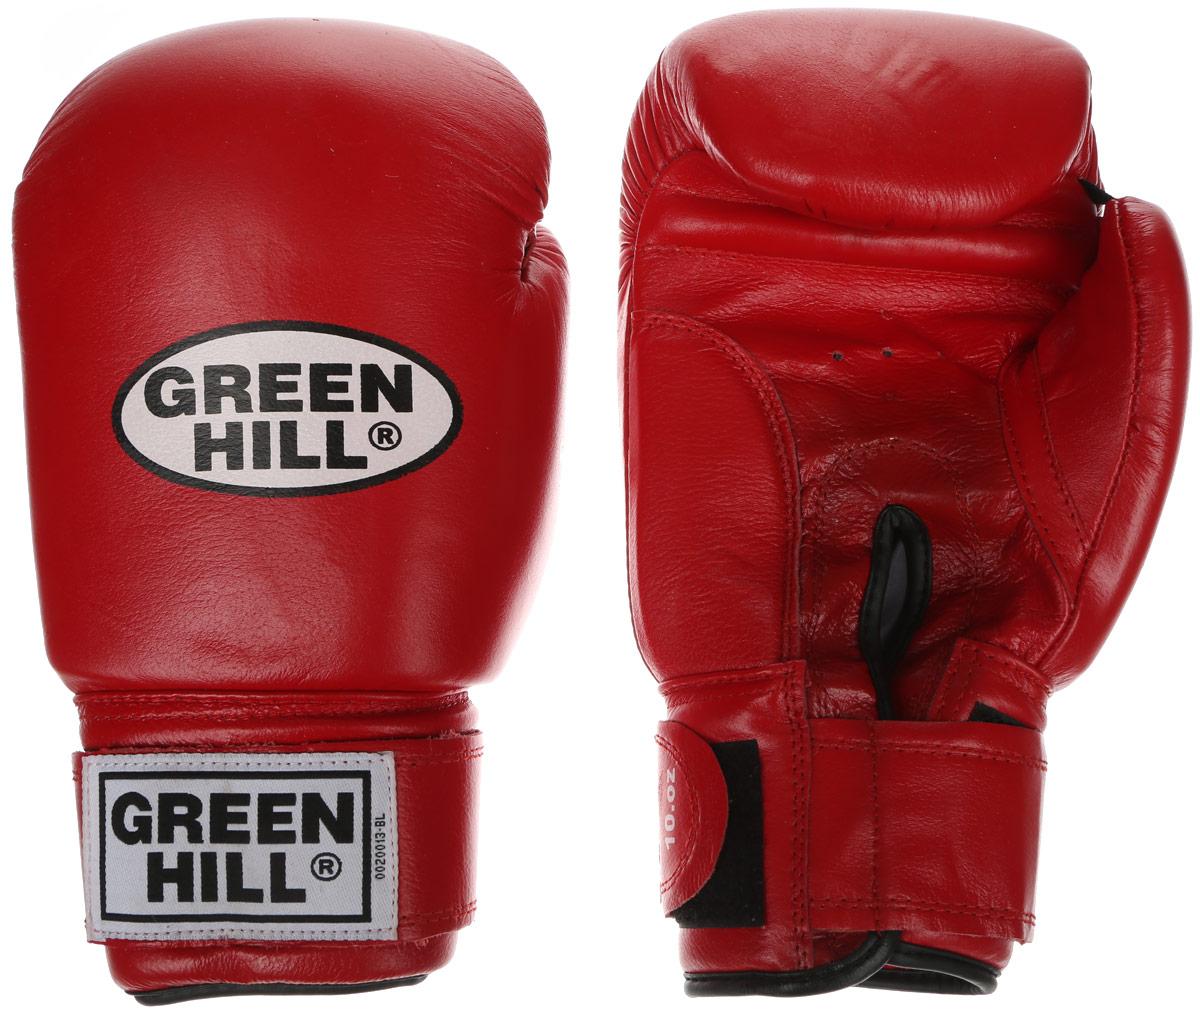 Перчатки боксерские Green Hill Tiger, цвет: красный, белый. Вес 12 унций. BGT-2010сG-2036310Боевые боксерские перчатки Green Hill Tiger применяются как для соревнований, так и для тренировок. Верх выполнен из натуральной кожи, вкладыш - предварительно сформированный пенополиуретан. Манжет на липучке способствует быстрому и удобному надеванию перчаток, плотно фиксирует перчатки на руке. Отверстия в области ладони позволяют создать максимально комфортный терморежим во время занятий.В перчатках применяется технология антинокаут.